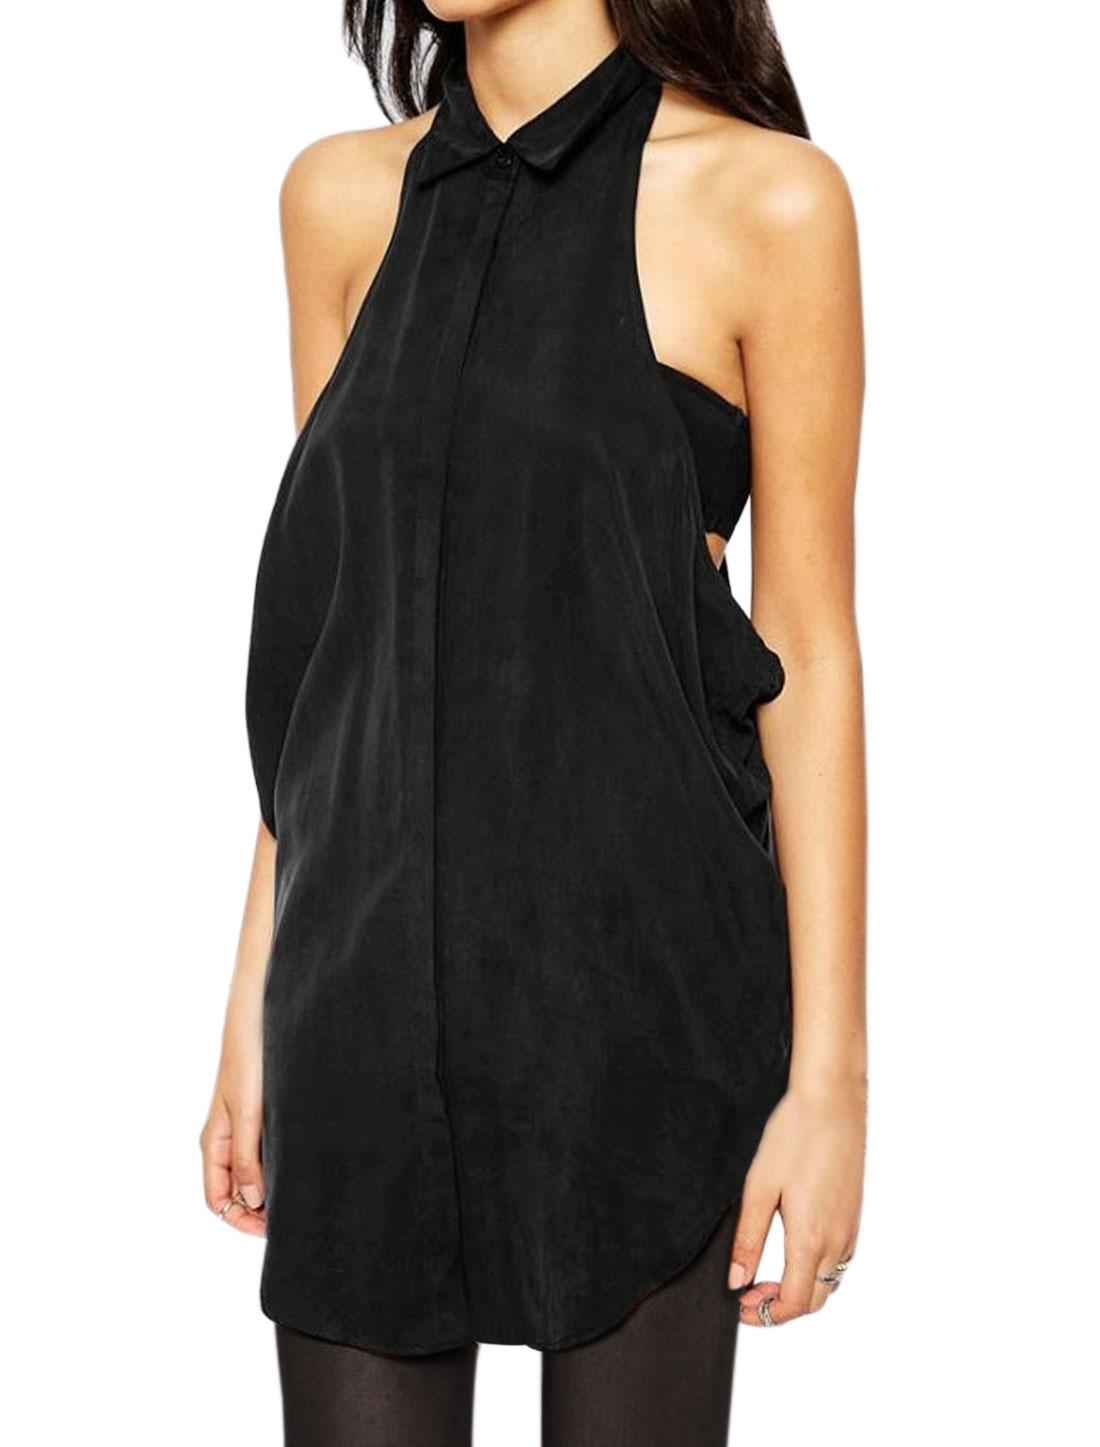 Women Point Collar Open Sides Hidden Placket Tunic Shirt Black XS